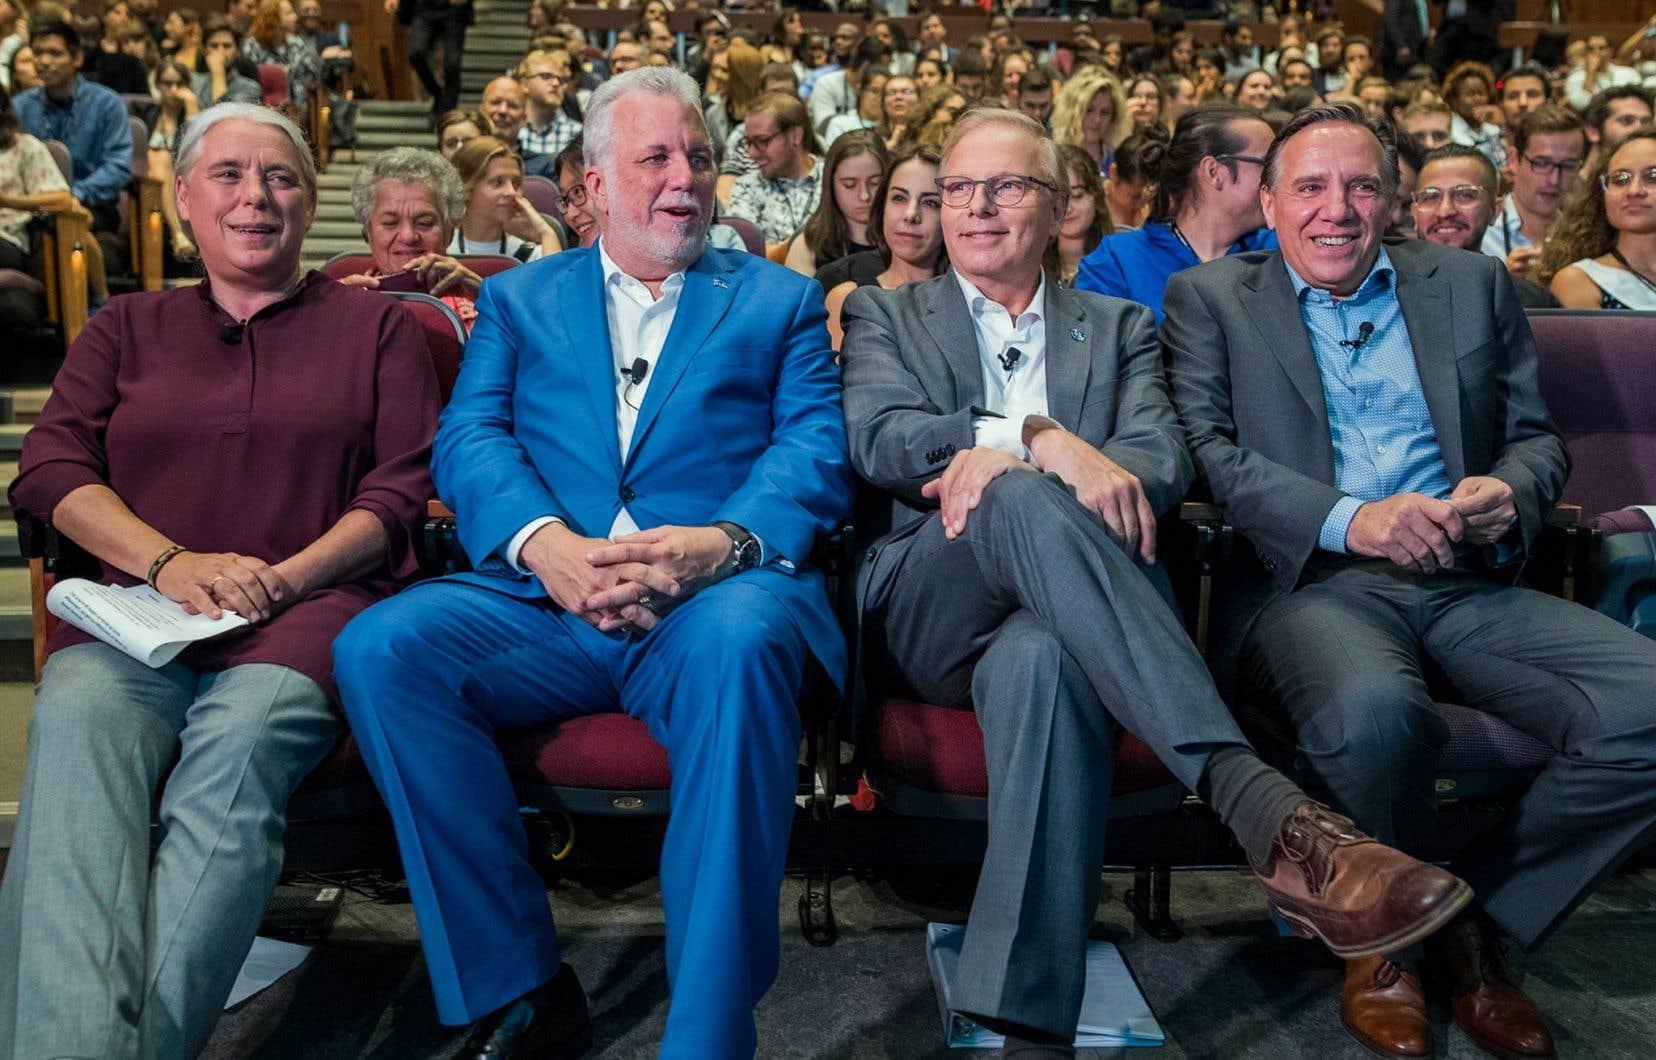 Les quatres principaux candidats au poste de premier ministre du Québec: Manon Massé (Québec solidaire), Philippe Couillard (Parti libéral du Québec), Jean-François Lisée (Parti québécois) et François Legault (Coalition avenir Québec)